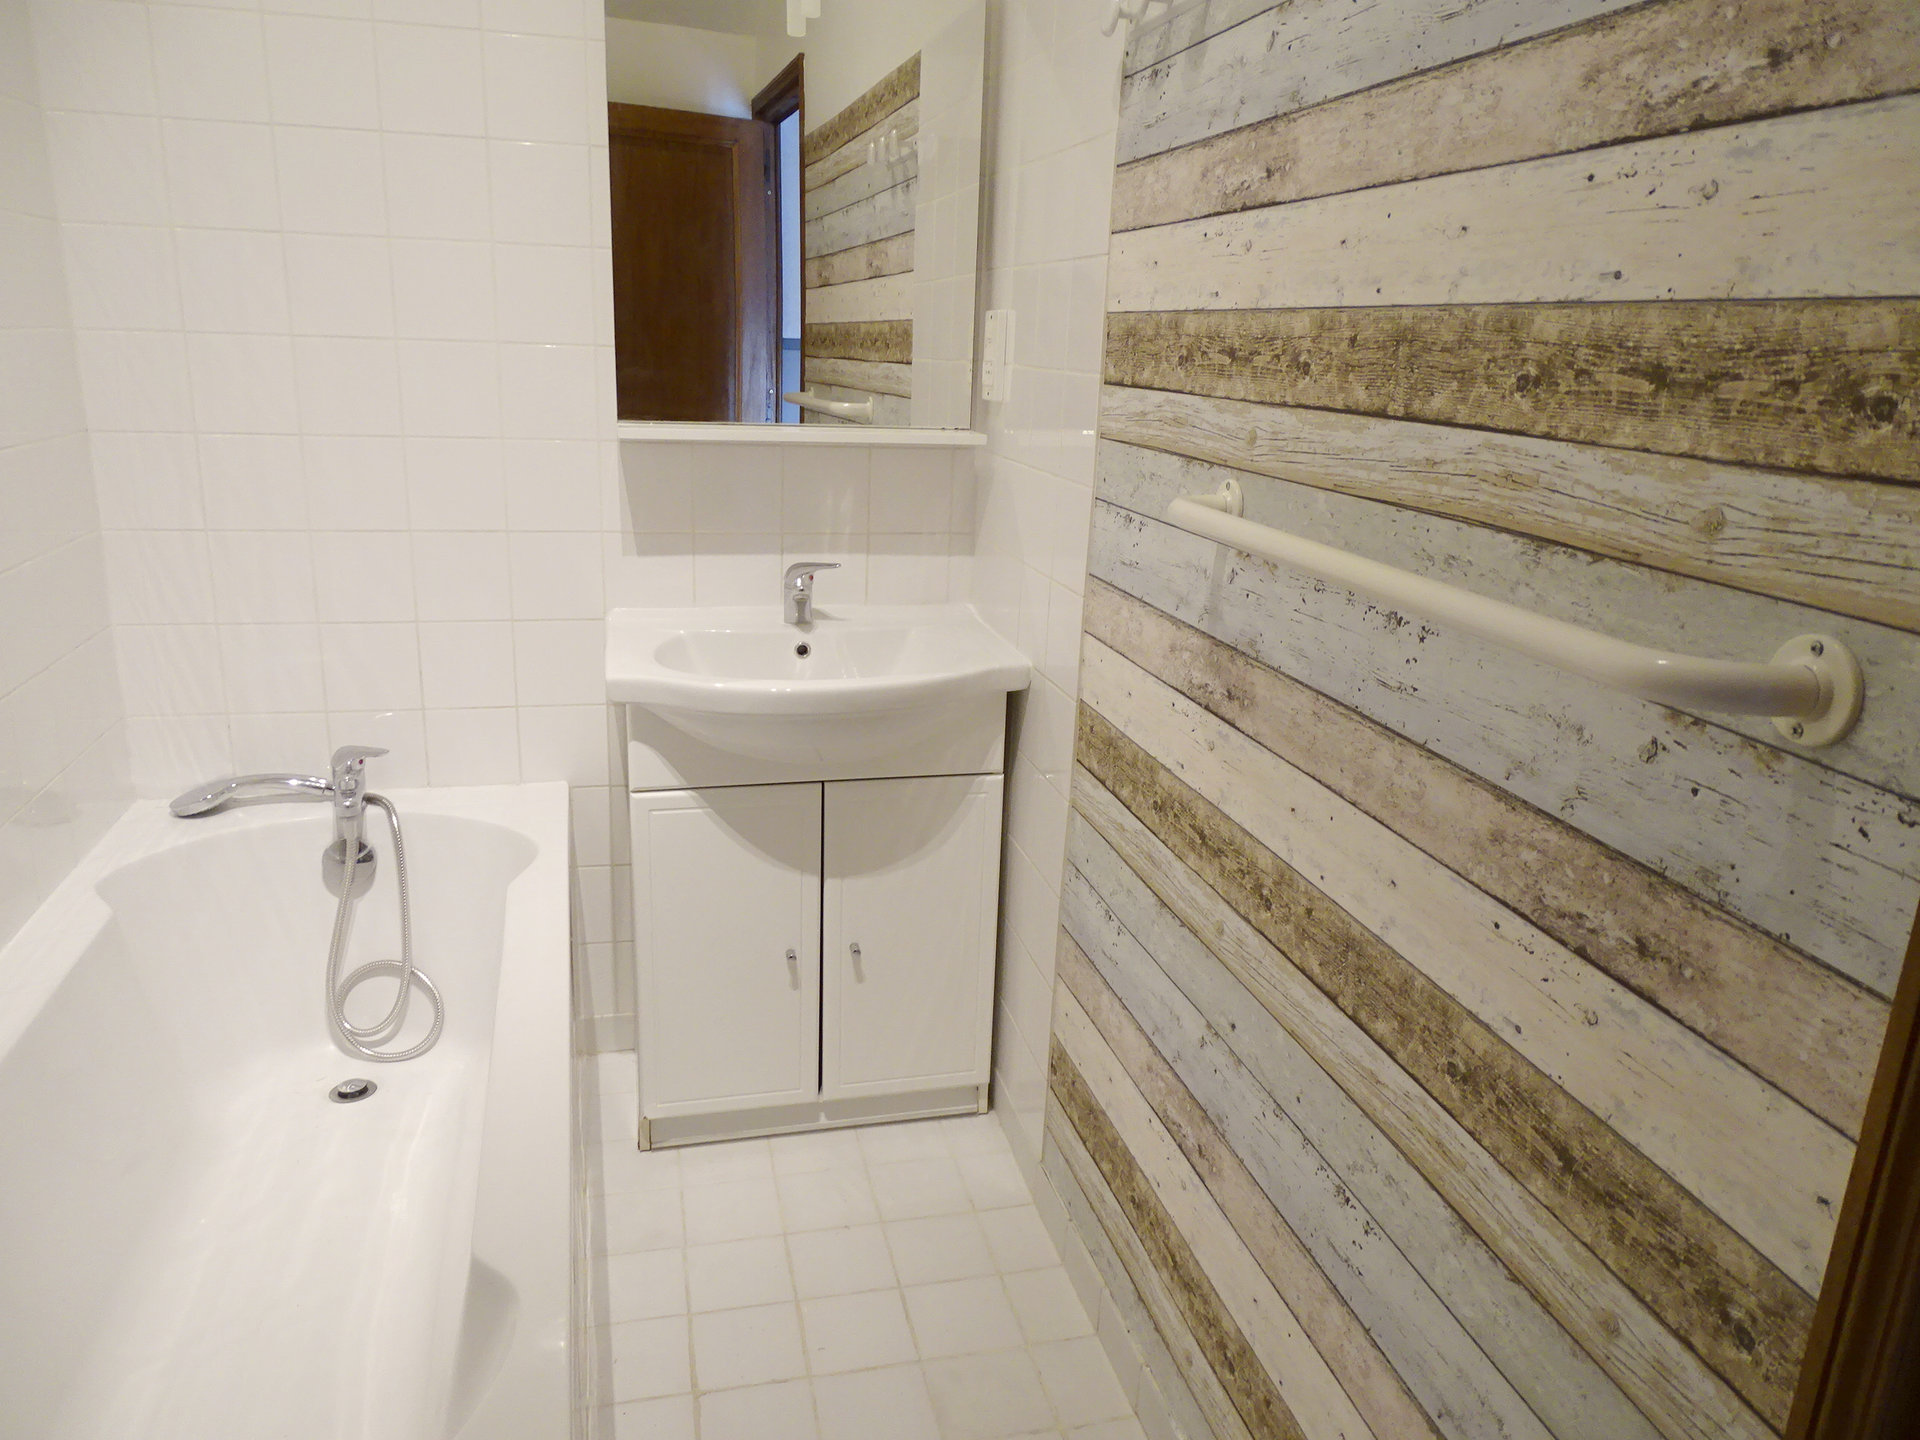 SOUS COMPROMIS DE VENTE  Mâcon - centre ville, à proximité immédiate de toutes les commodités, venez découvrir cet appartement soigneusement rénové avec une magnifique vue la Saône. D'une surface de 70 m², il se compose d'une lumineuse pièce de vie avec balcon, d'une cuisine équipée, d'une vaste chambre, d'un bureau, d'un toilette séparé, ainsi que d'une salle de bains/toilette. Appartement en très bon état au dernier étage d'une petite copropriété avec ascenseur ( 7 lots / charges 60 euros/mois). Honoraires à la charge du vendeur.